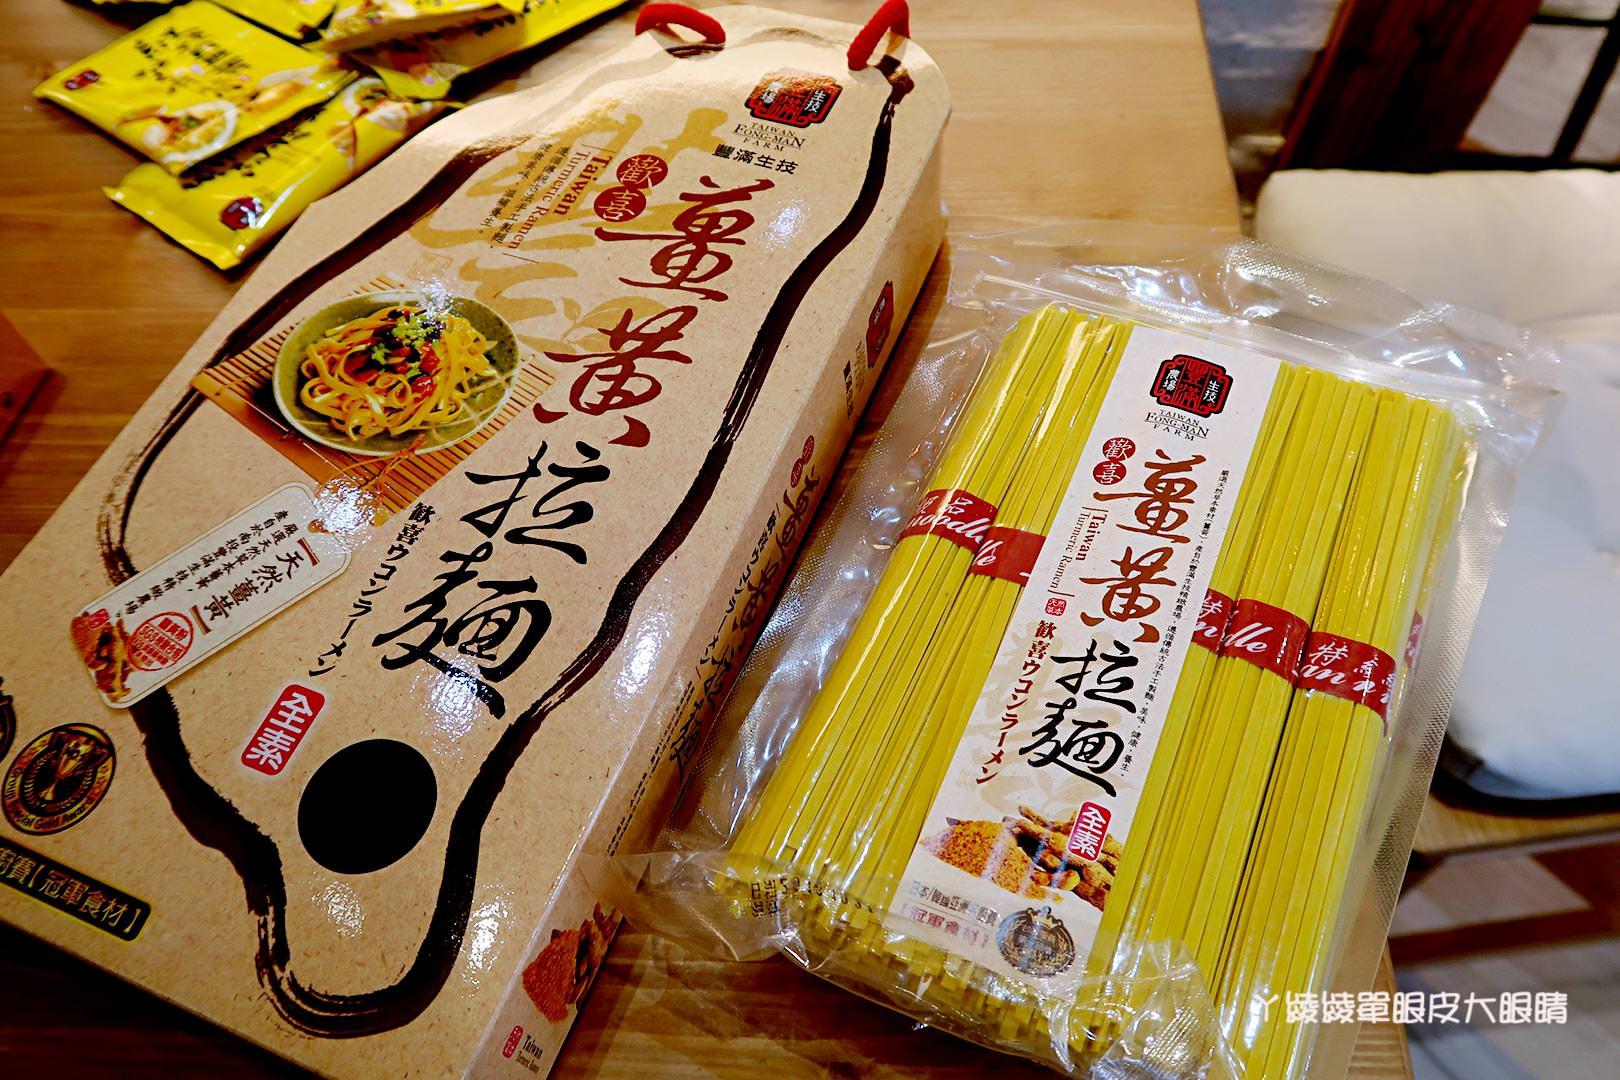 過年伴手禮!《豐滿生技》紅薑黃麵線|拉麵麵禮盒|芝麻醬,外食族簡易食譜輕鬆上菜